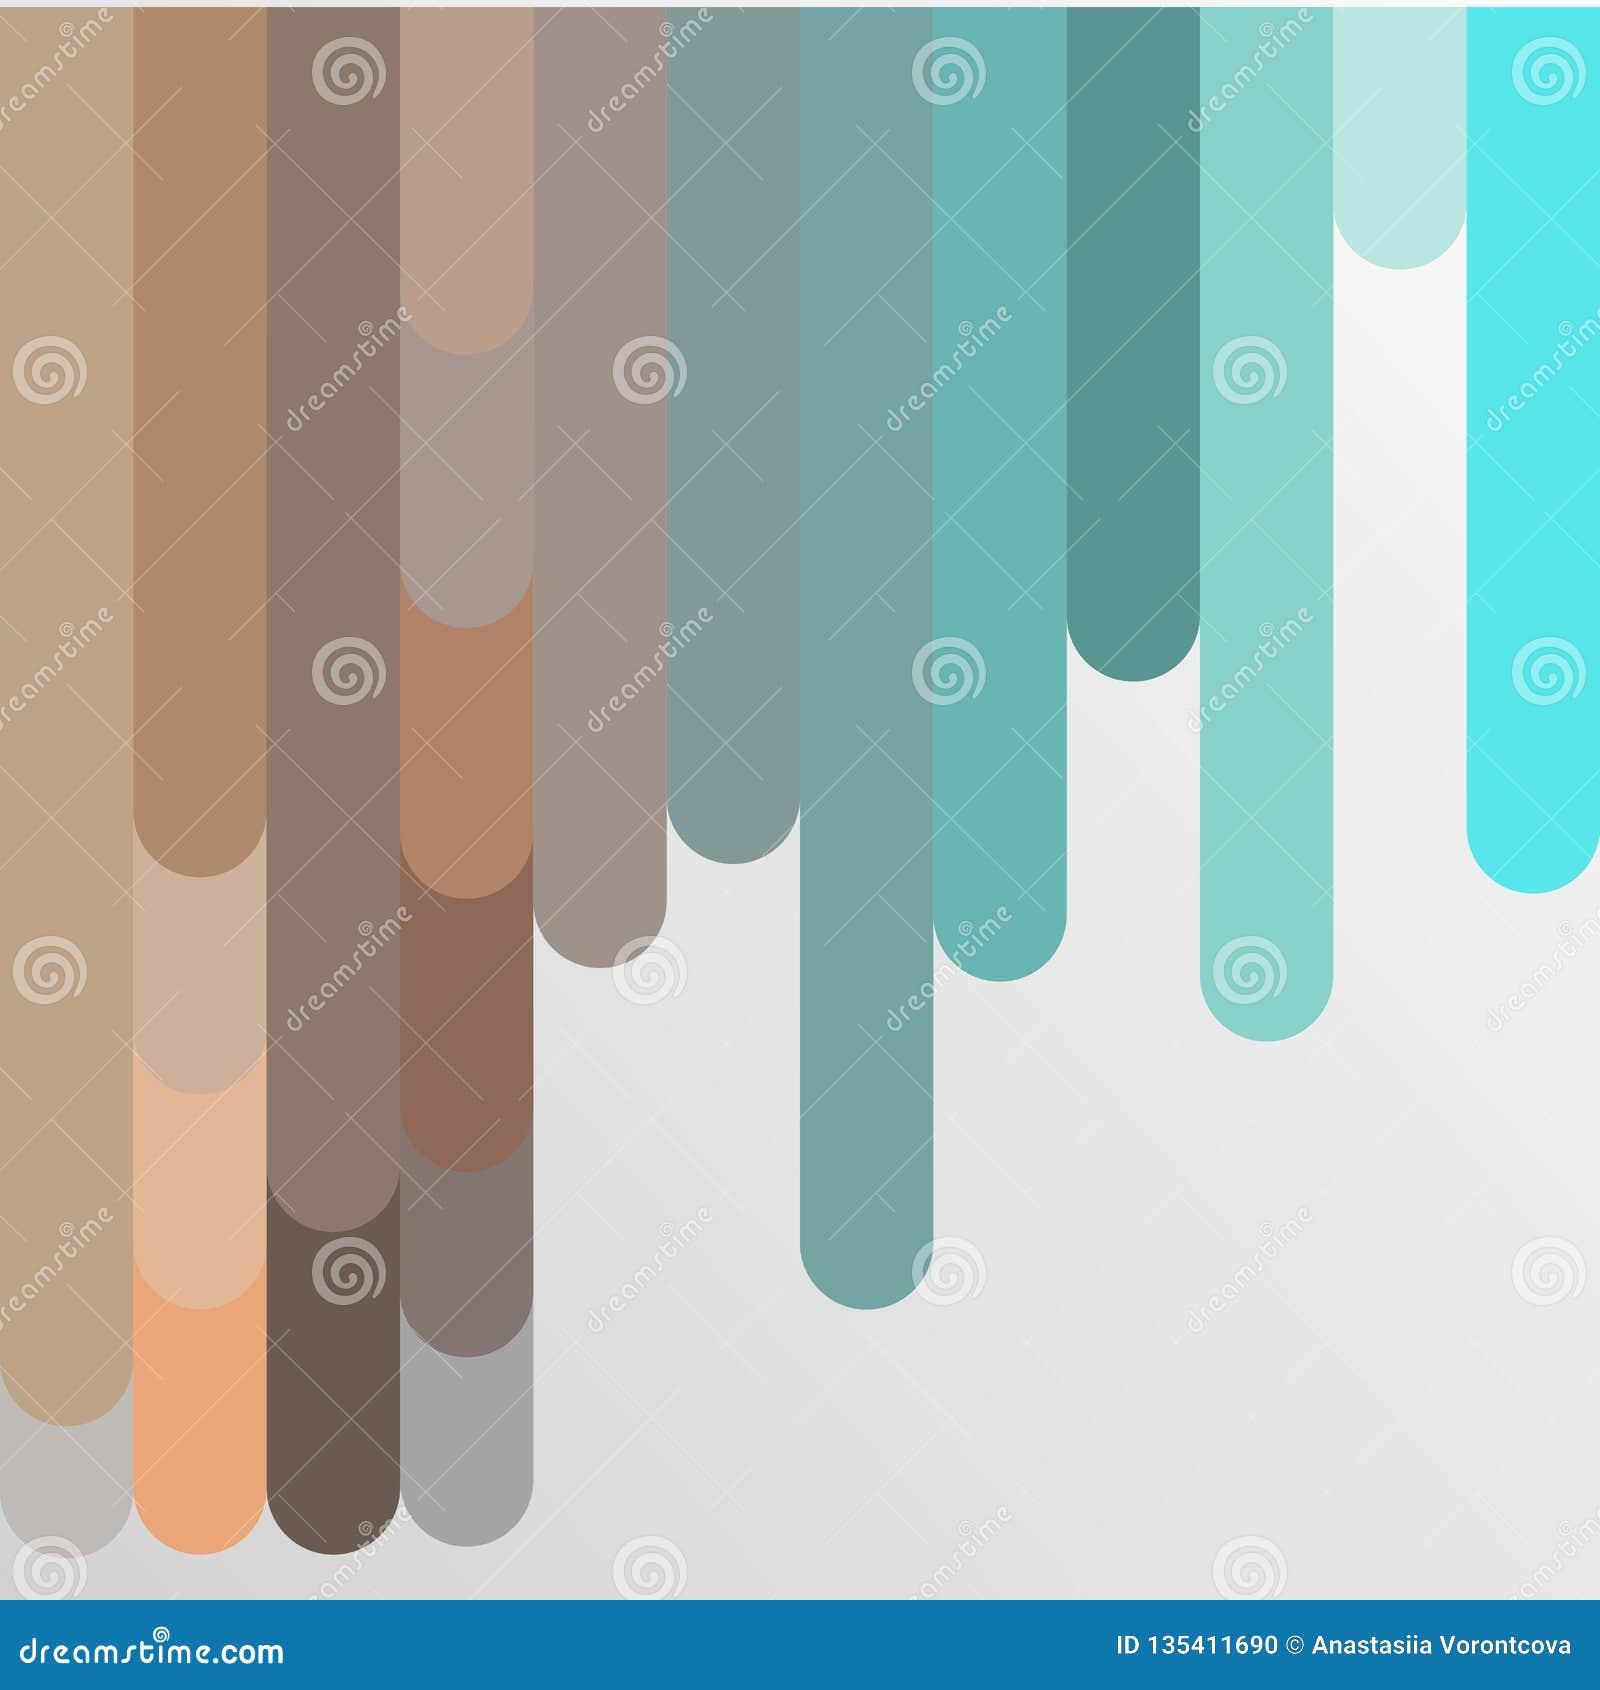 Hintergrund mit mehrfarbiger Pastellstreifenvektorillustration